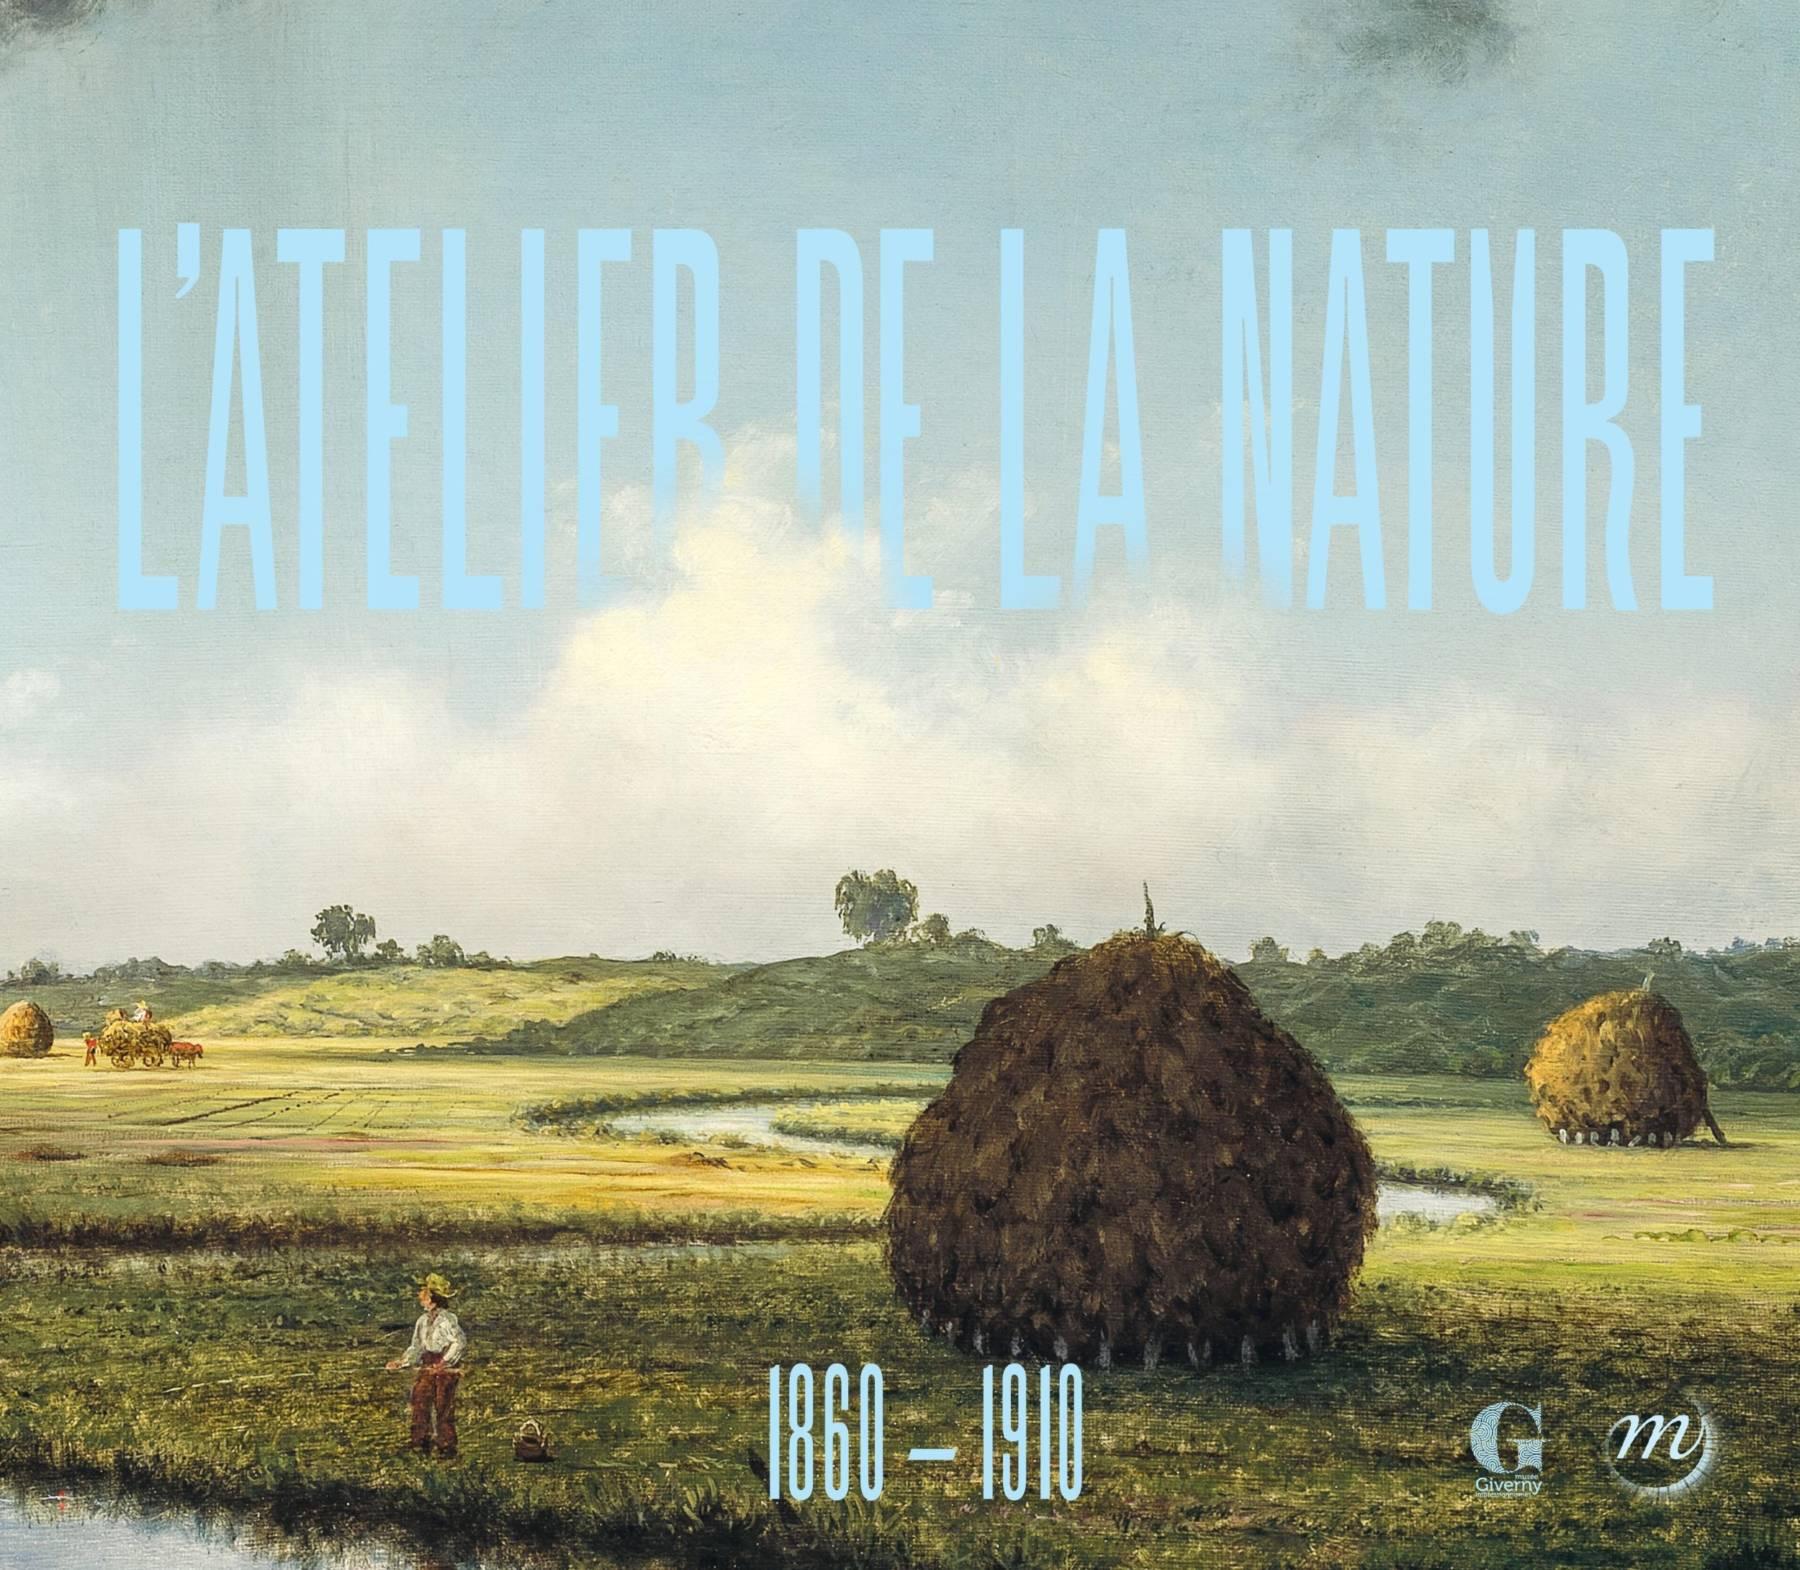 Catalogue de l'exposition L'Atelier de la nature, 1860-1910